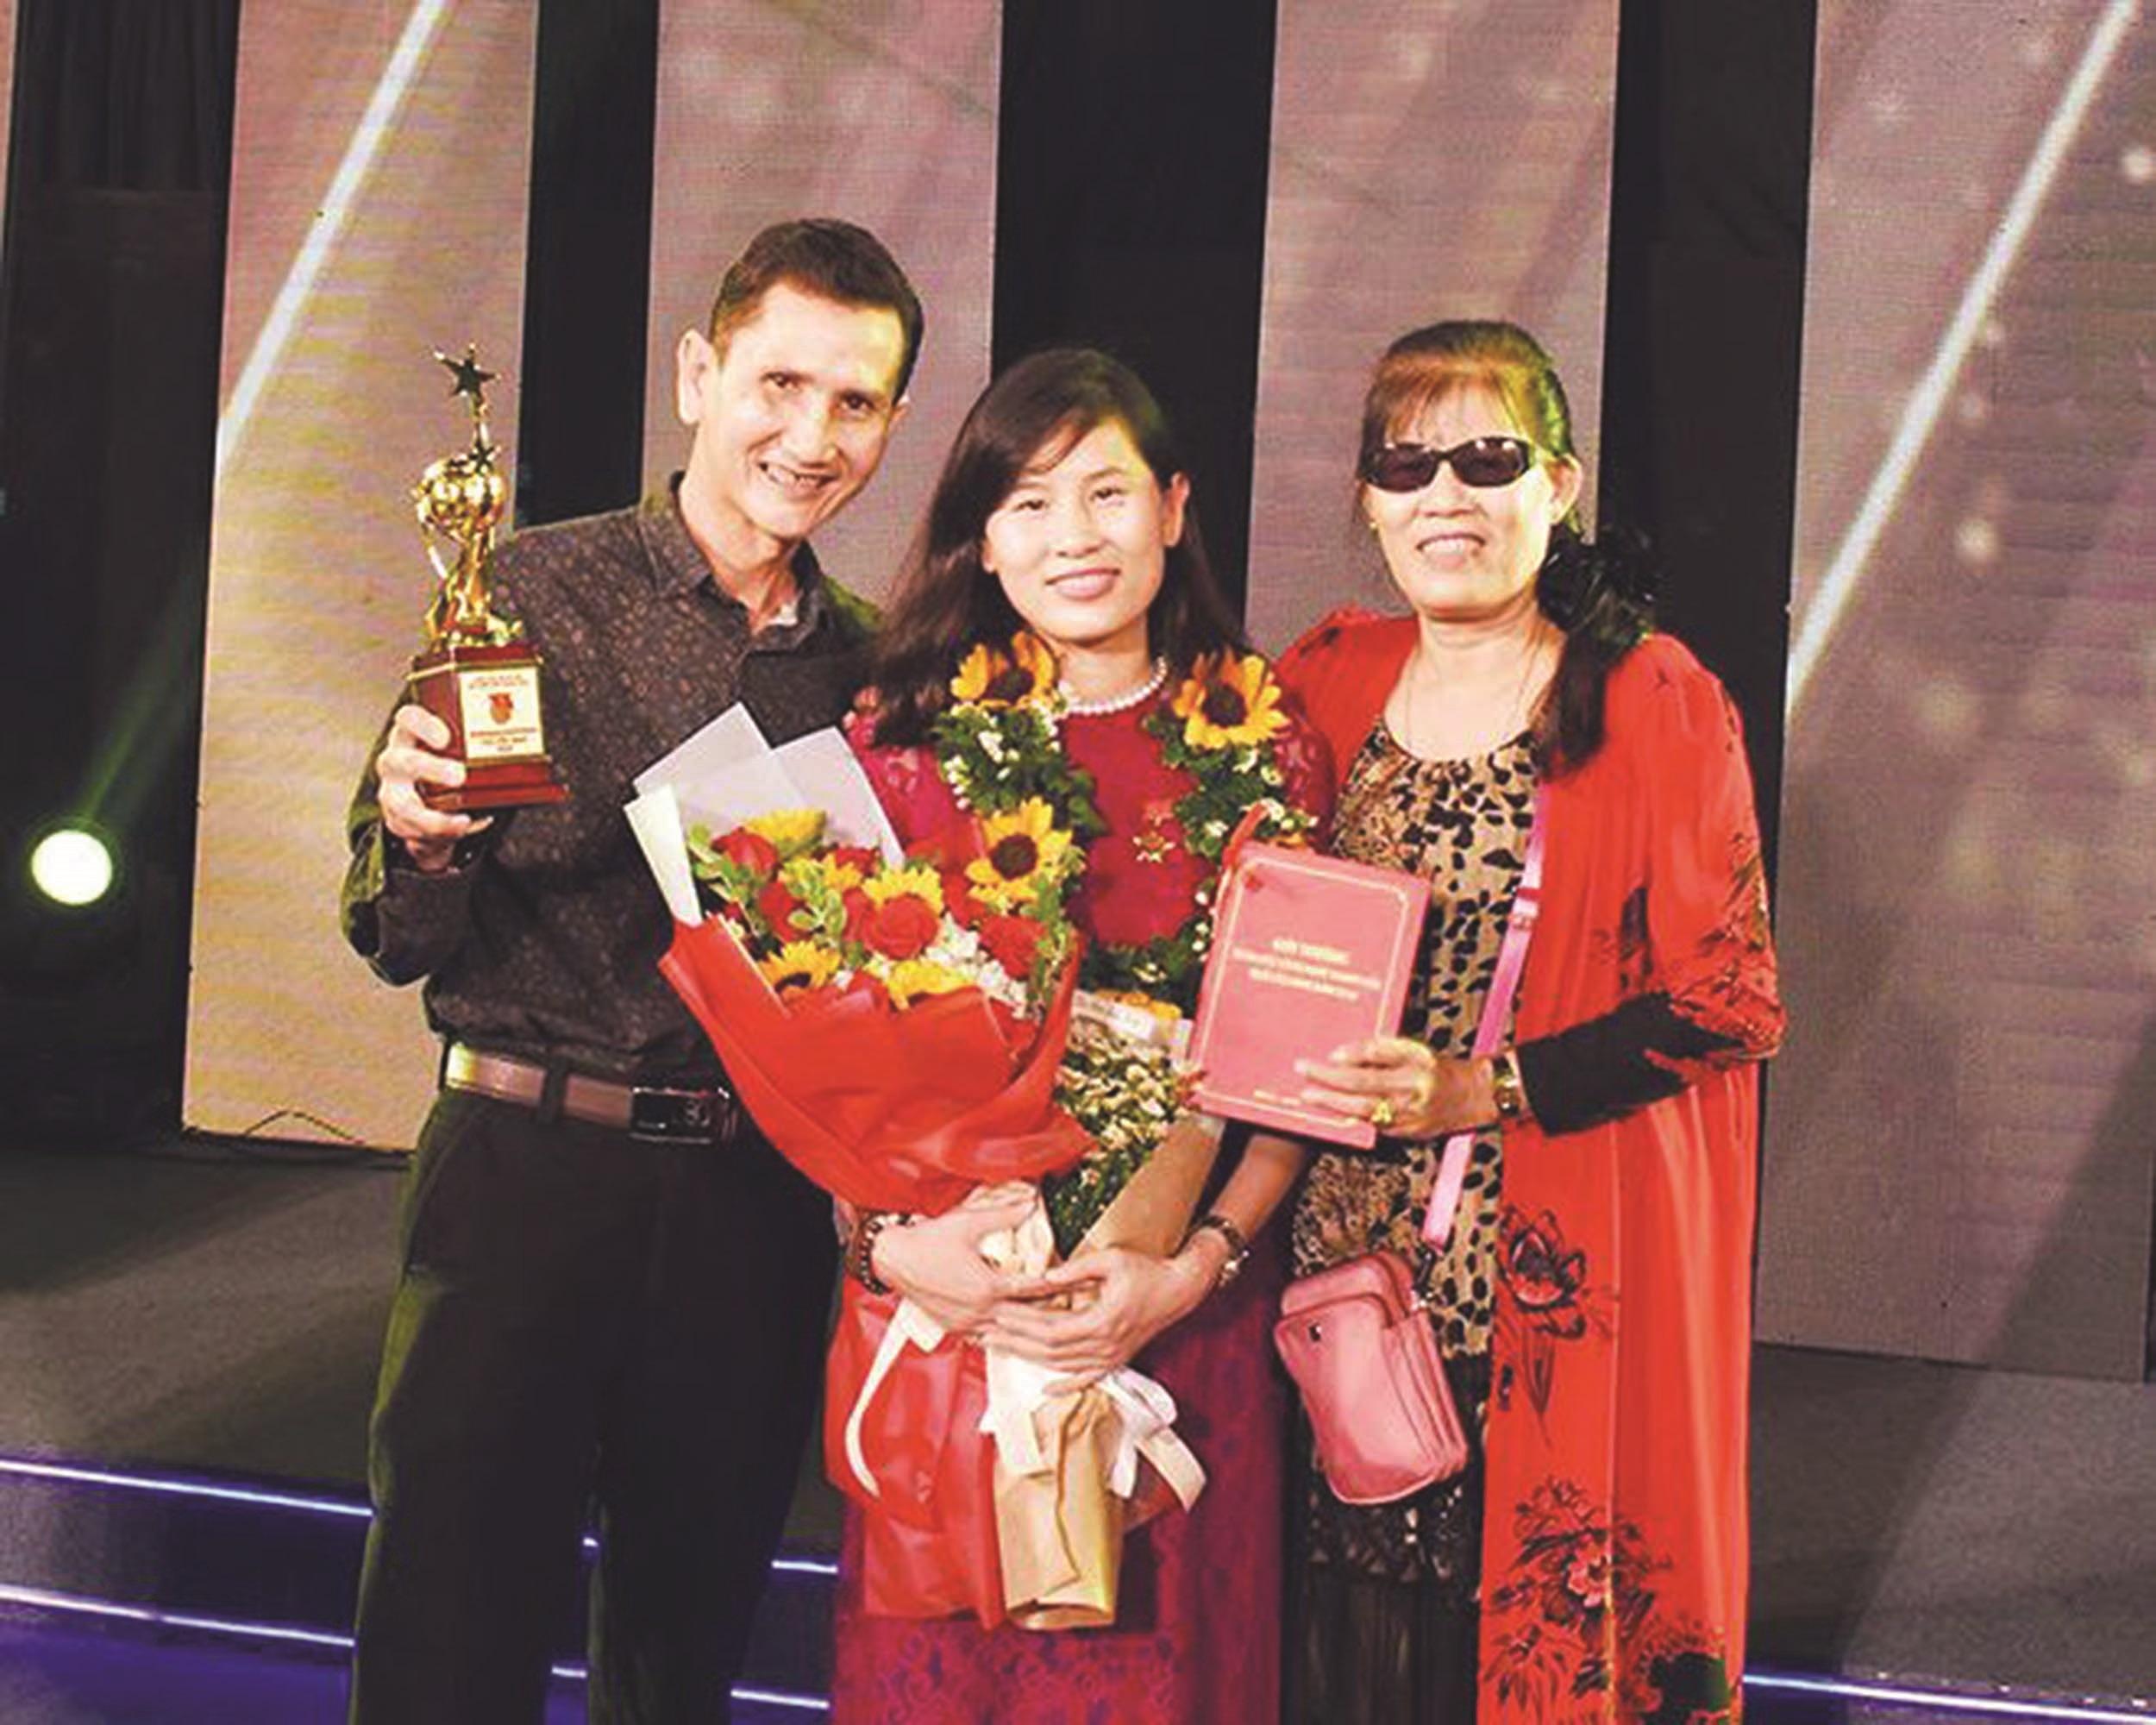 Trịnh Kiều Thế Loan chụp hình cùng ba mẹ trong buổi Lễ nhận Giải thưởng Quả Cầu Vàng năm 2018.